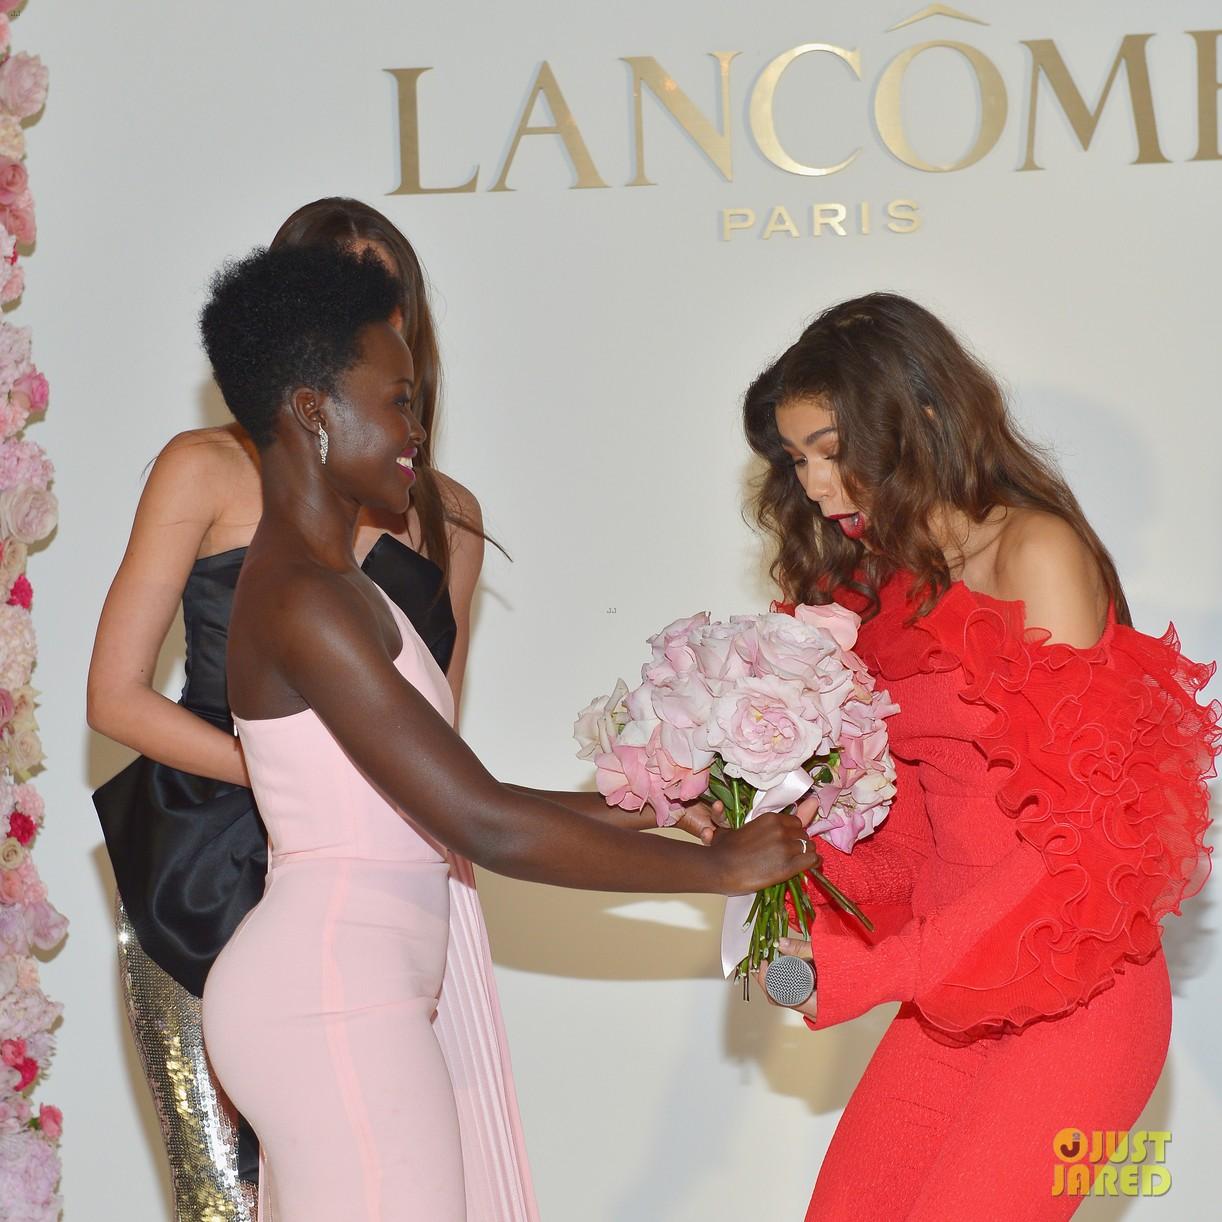 zendaya new lancome ambassadress lupita nyongo 11